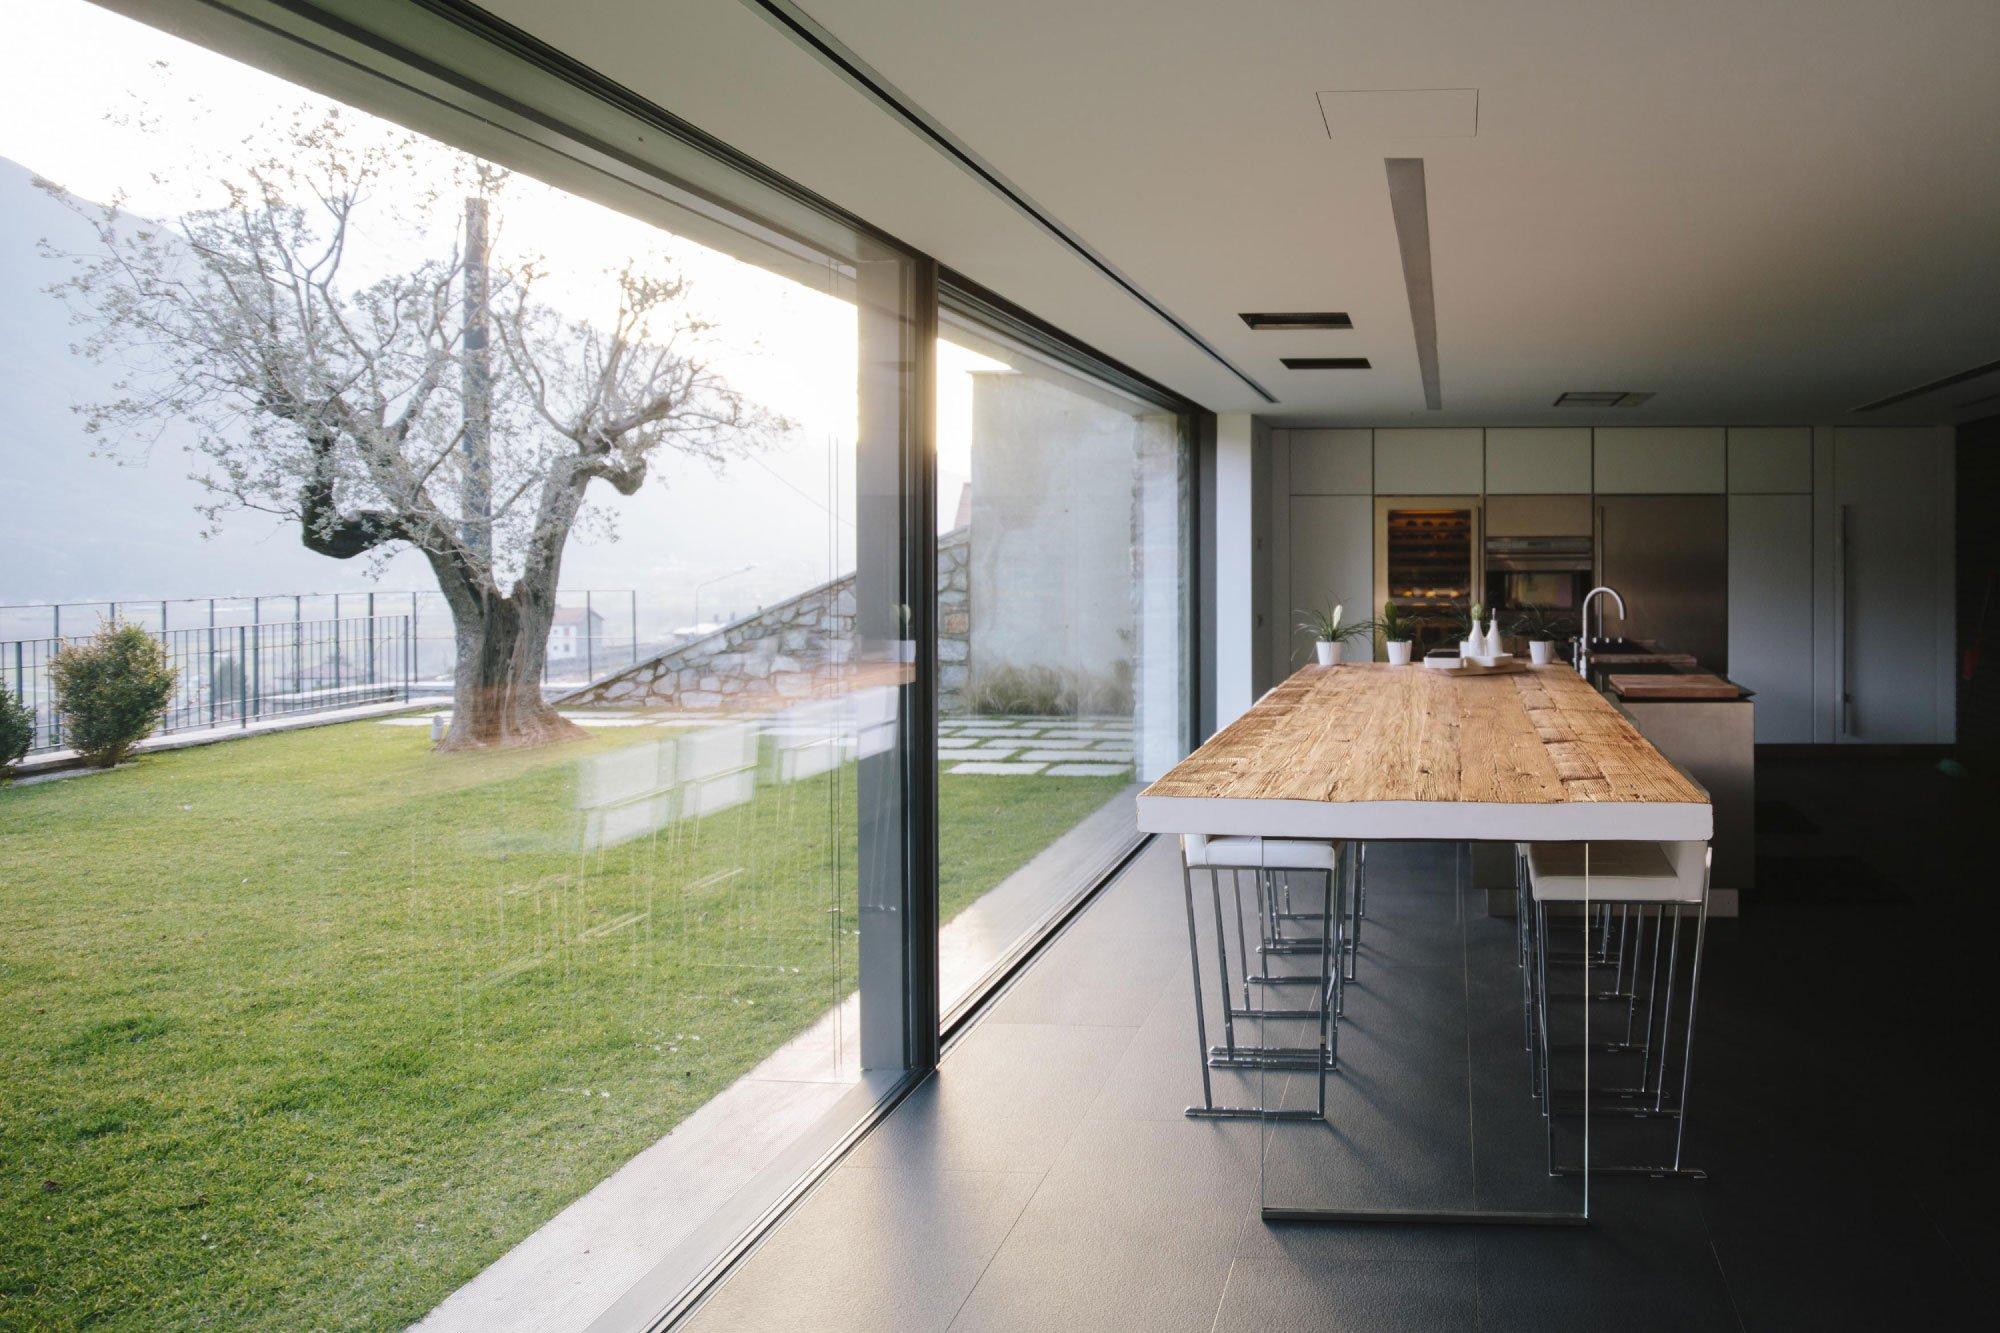 cucina moderna con vetrate e giardino